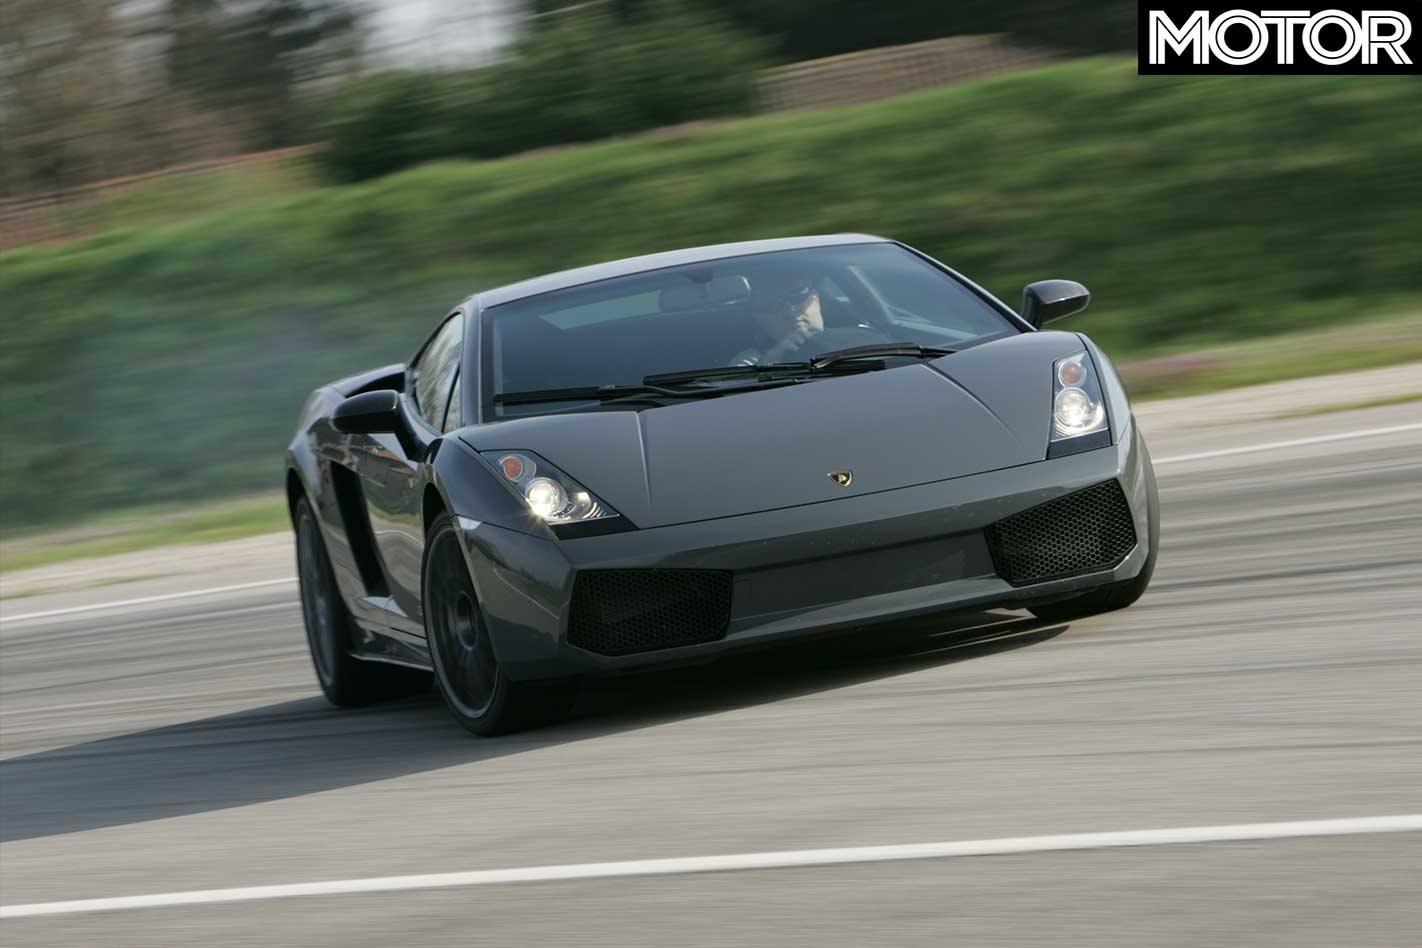 2007 Lamborghini Gallardo Superleggera review: classic MOTOR